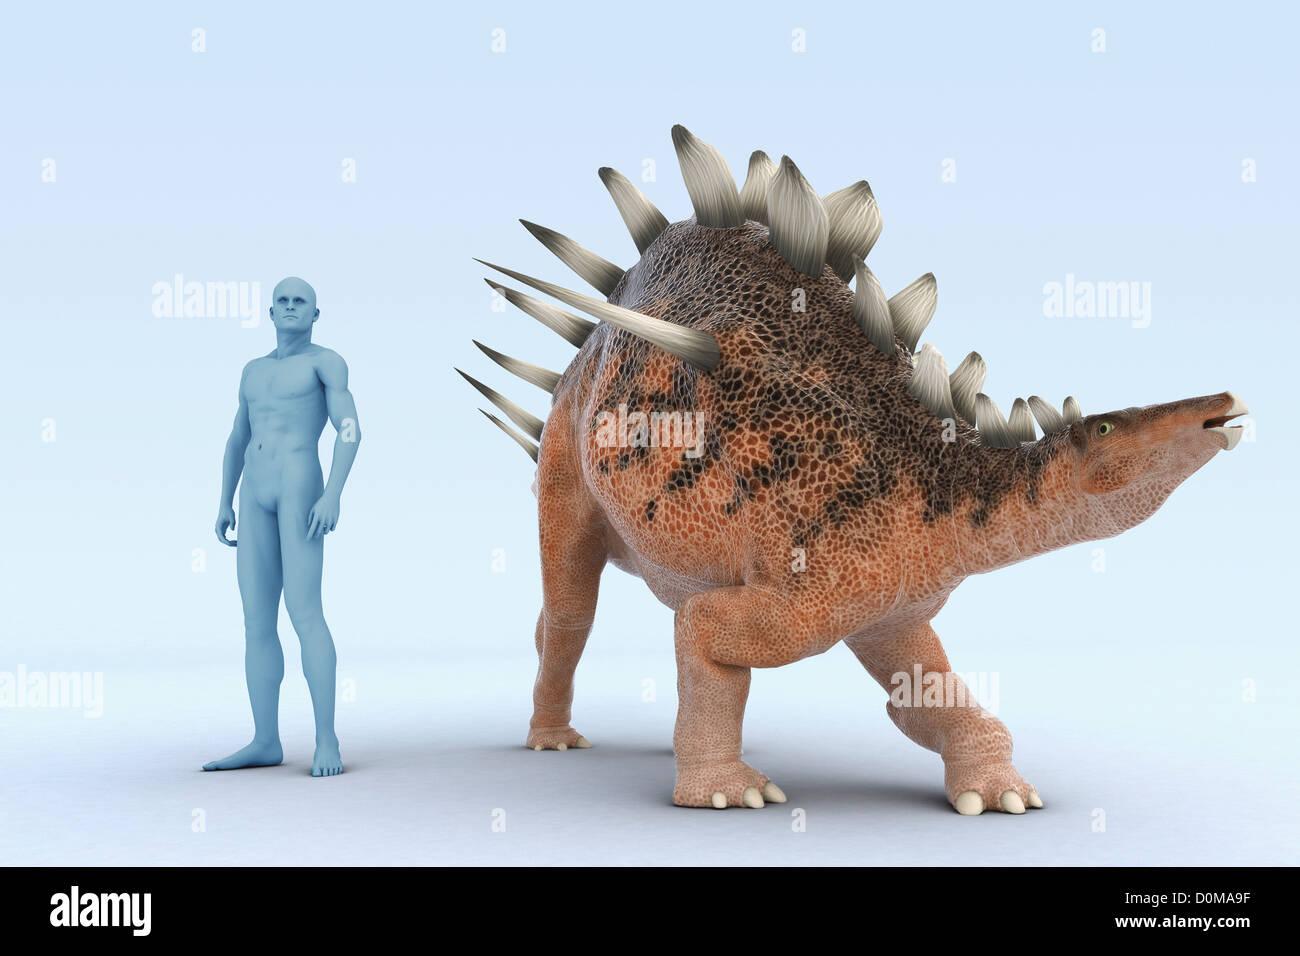 Modelo de un dinosaurio Kentrosaurus mostrando el tamaño en comparación con un humano. Foto de stock